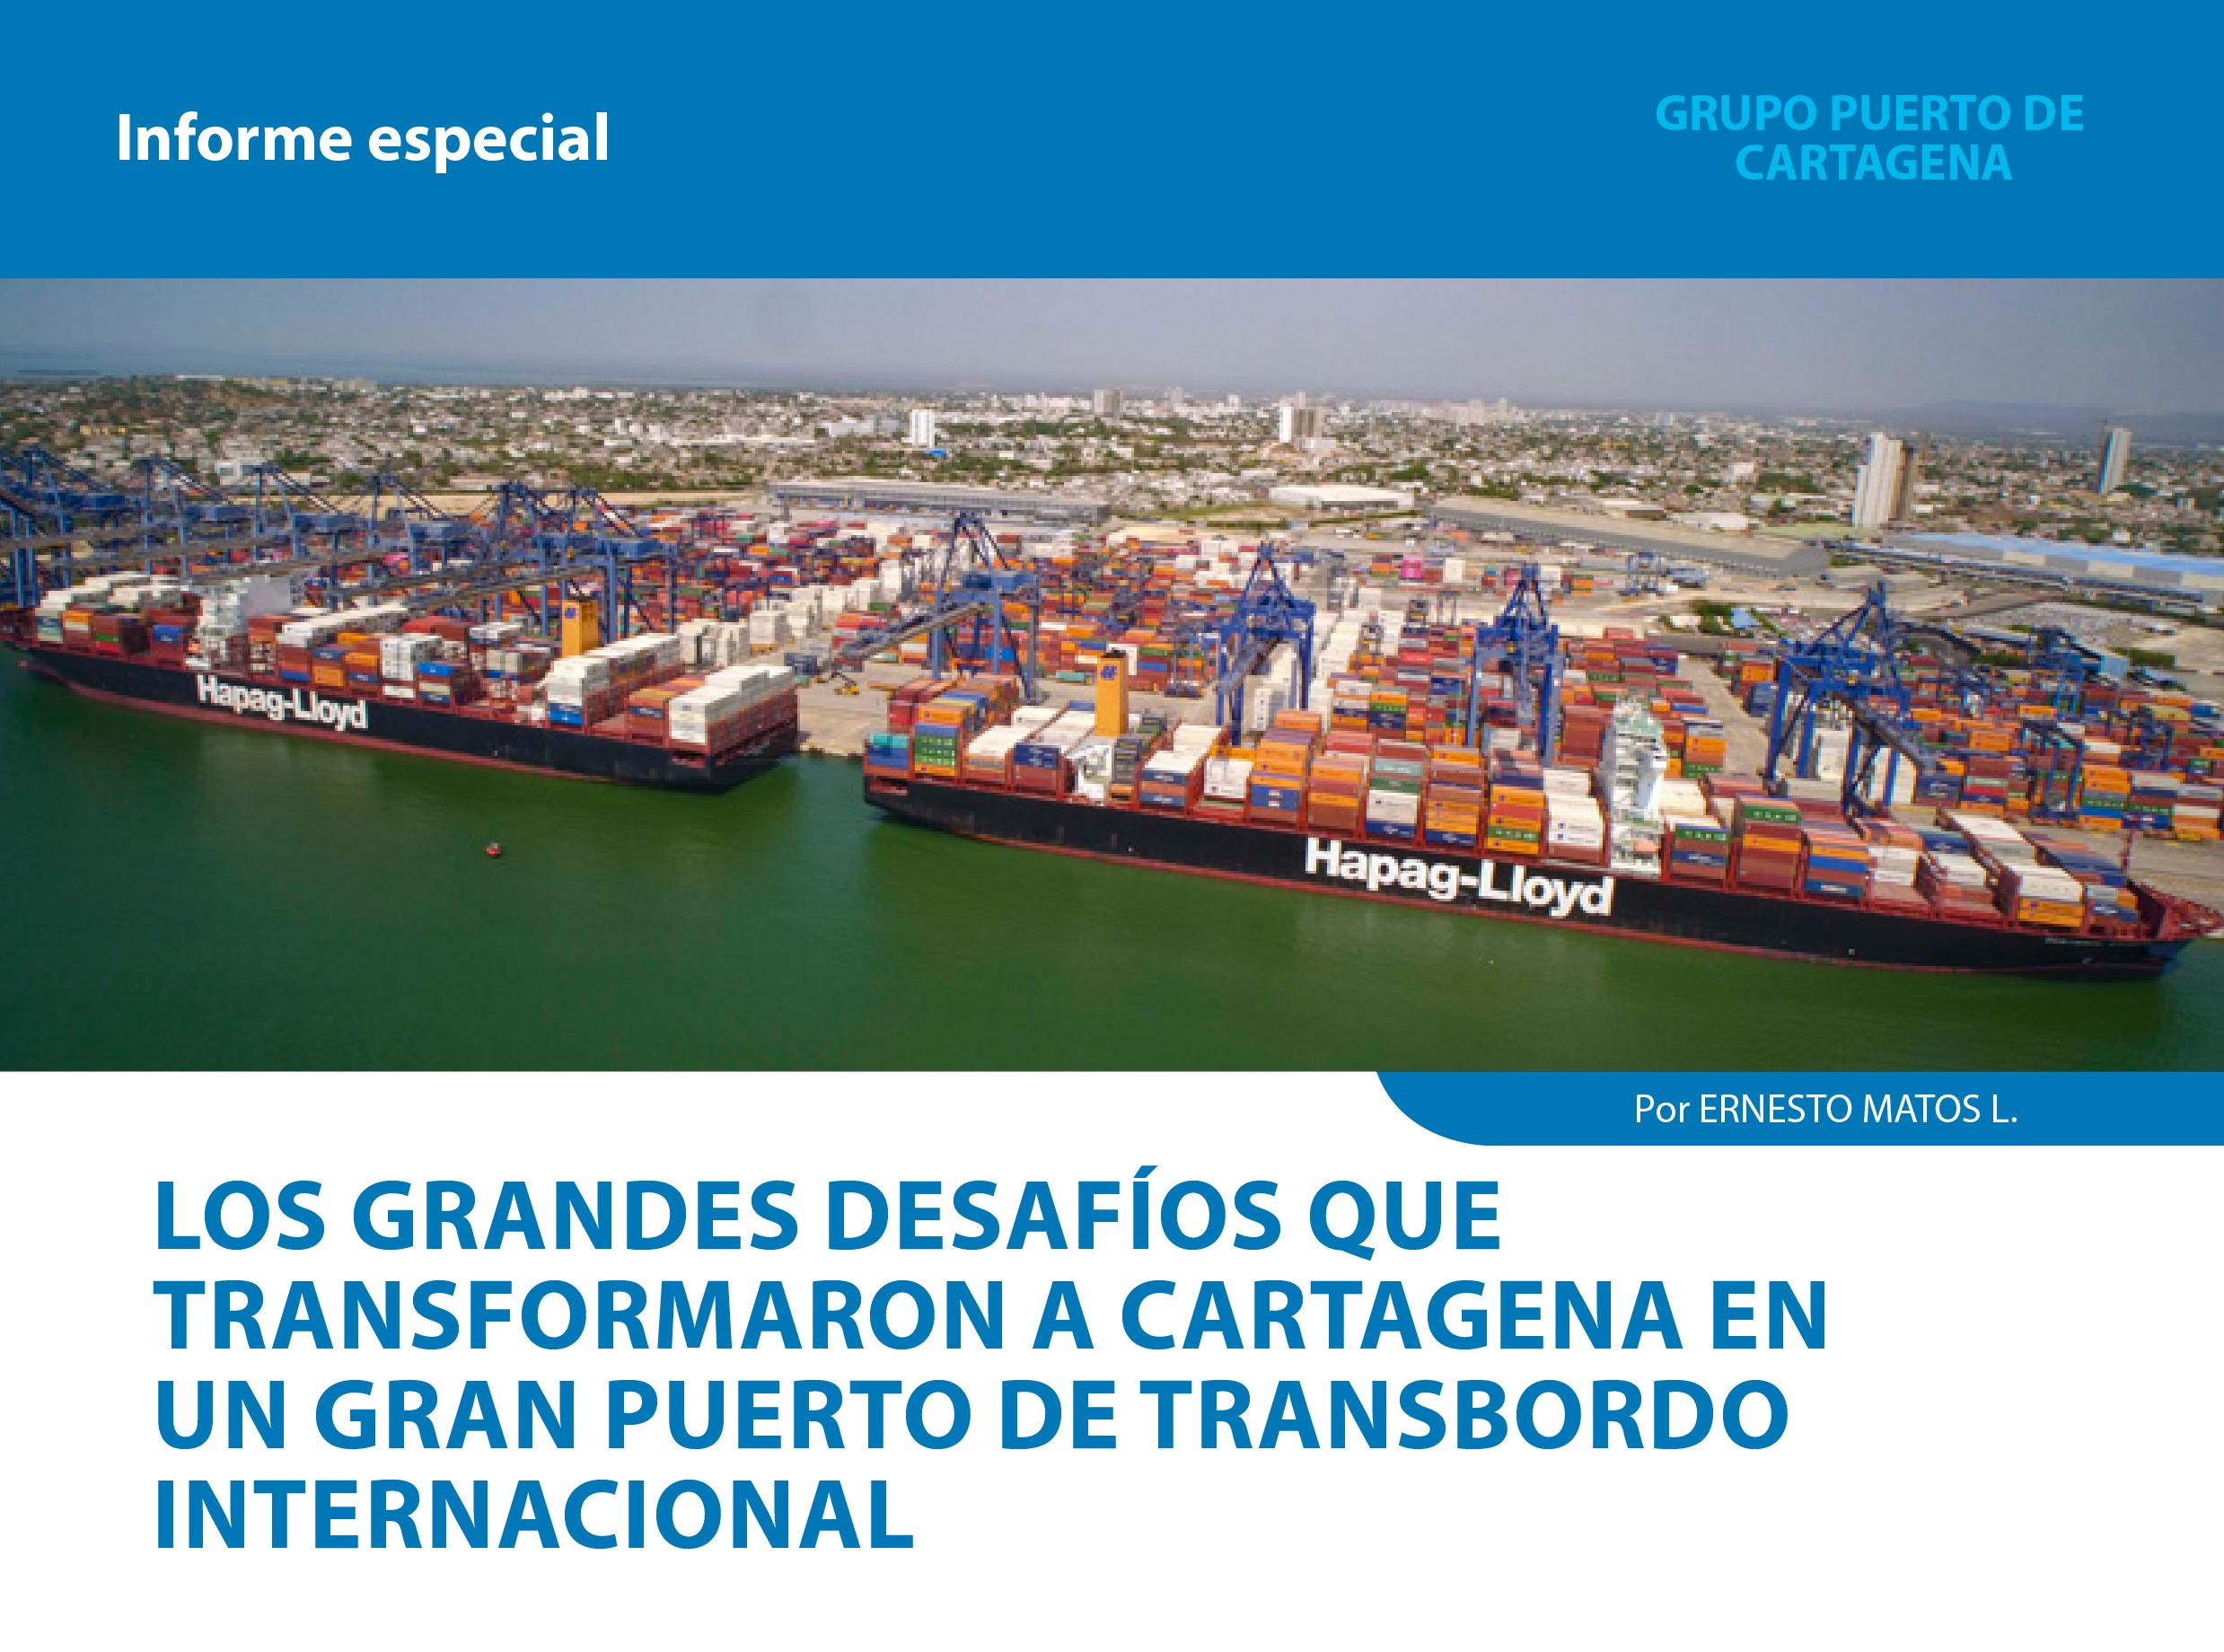 desafios-cartagena-puerto-transbordo